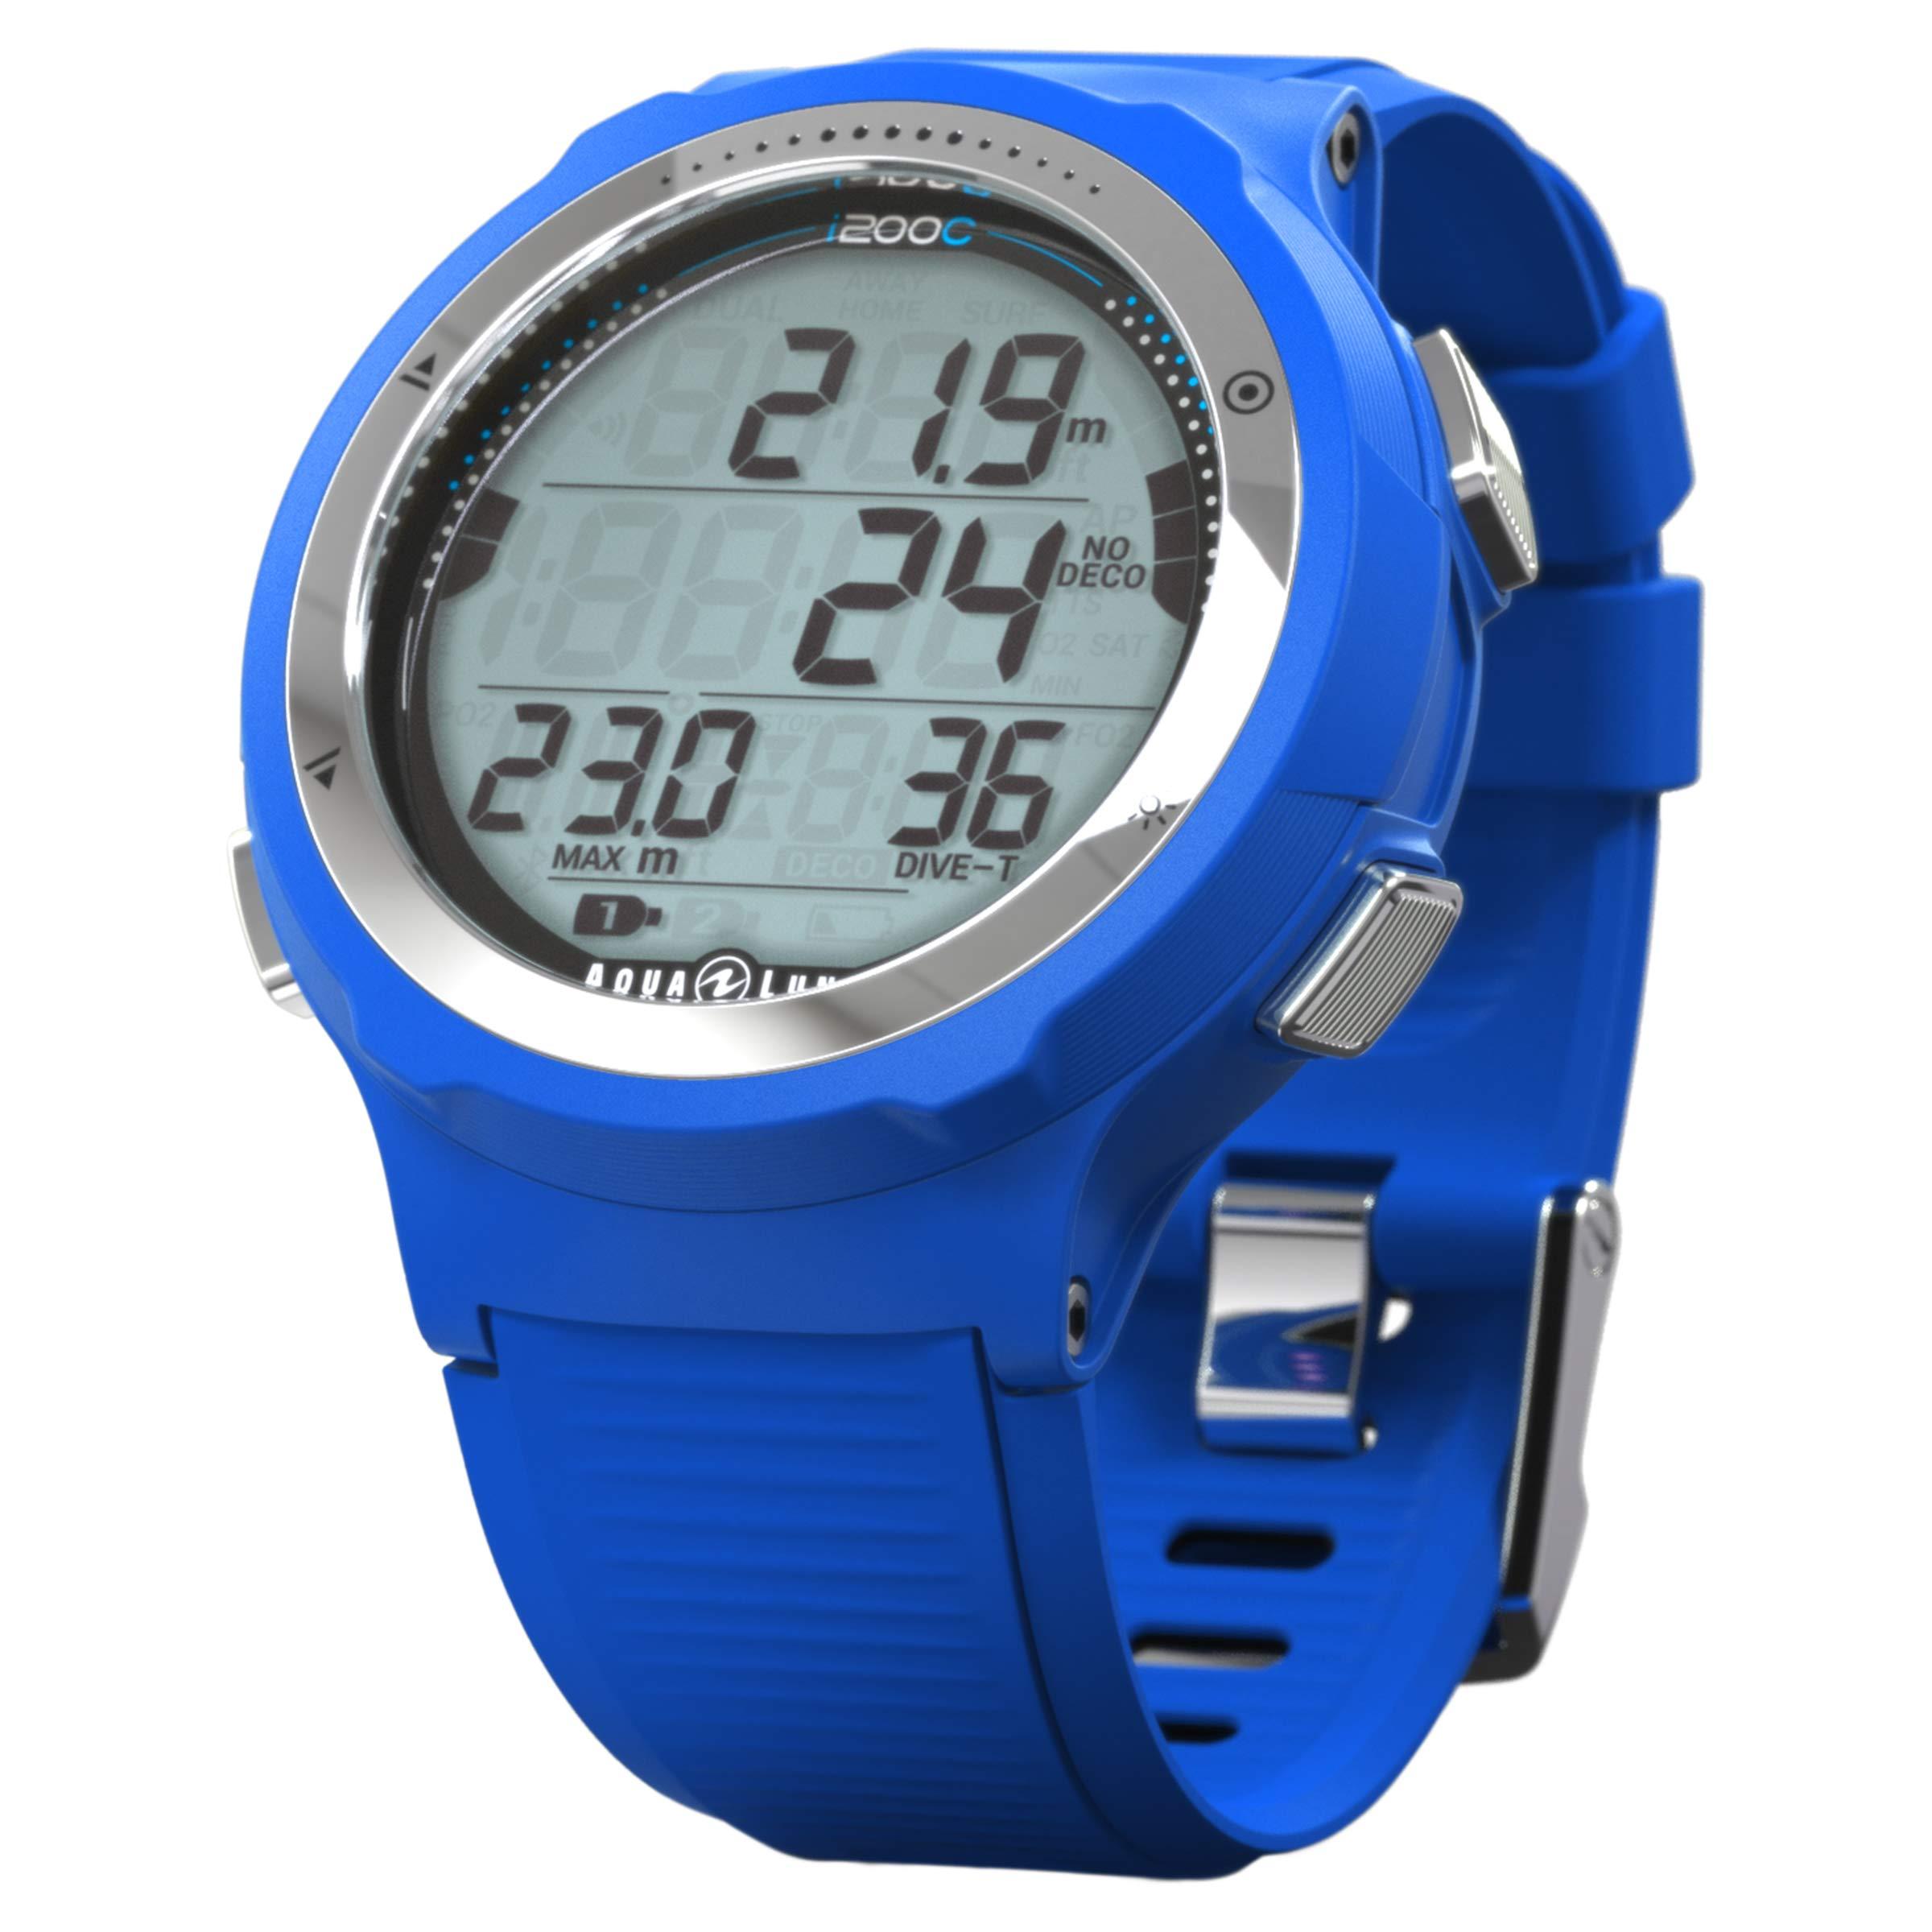 Aqua Lung i200C Wrist Dive Computer (Blue)